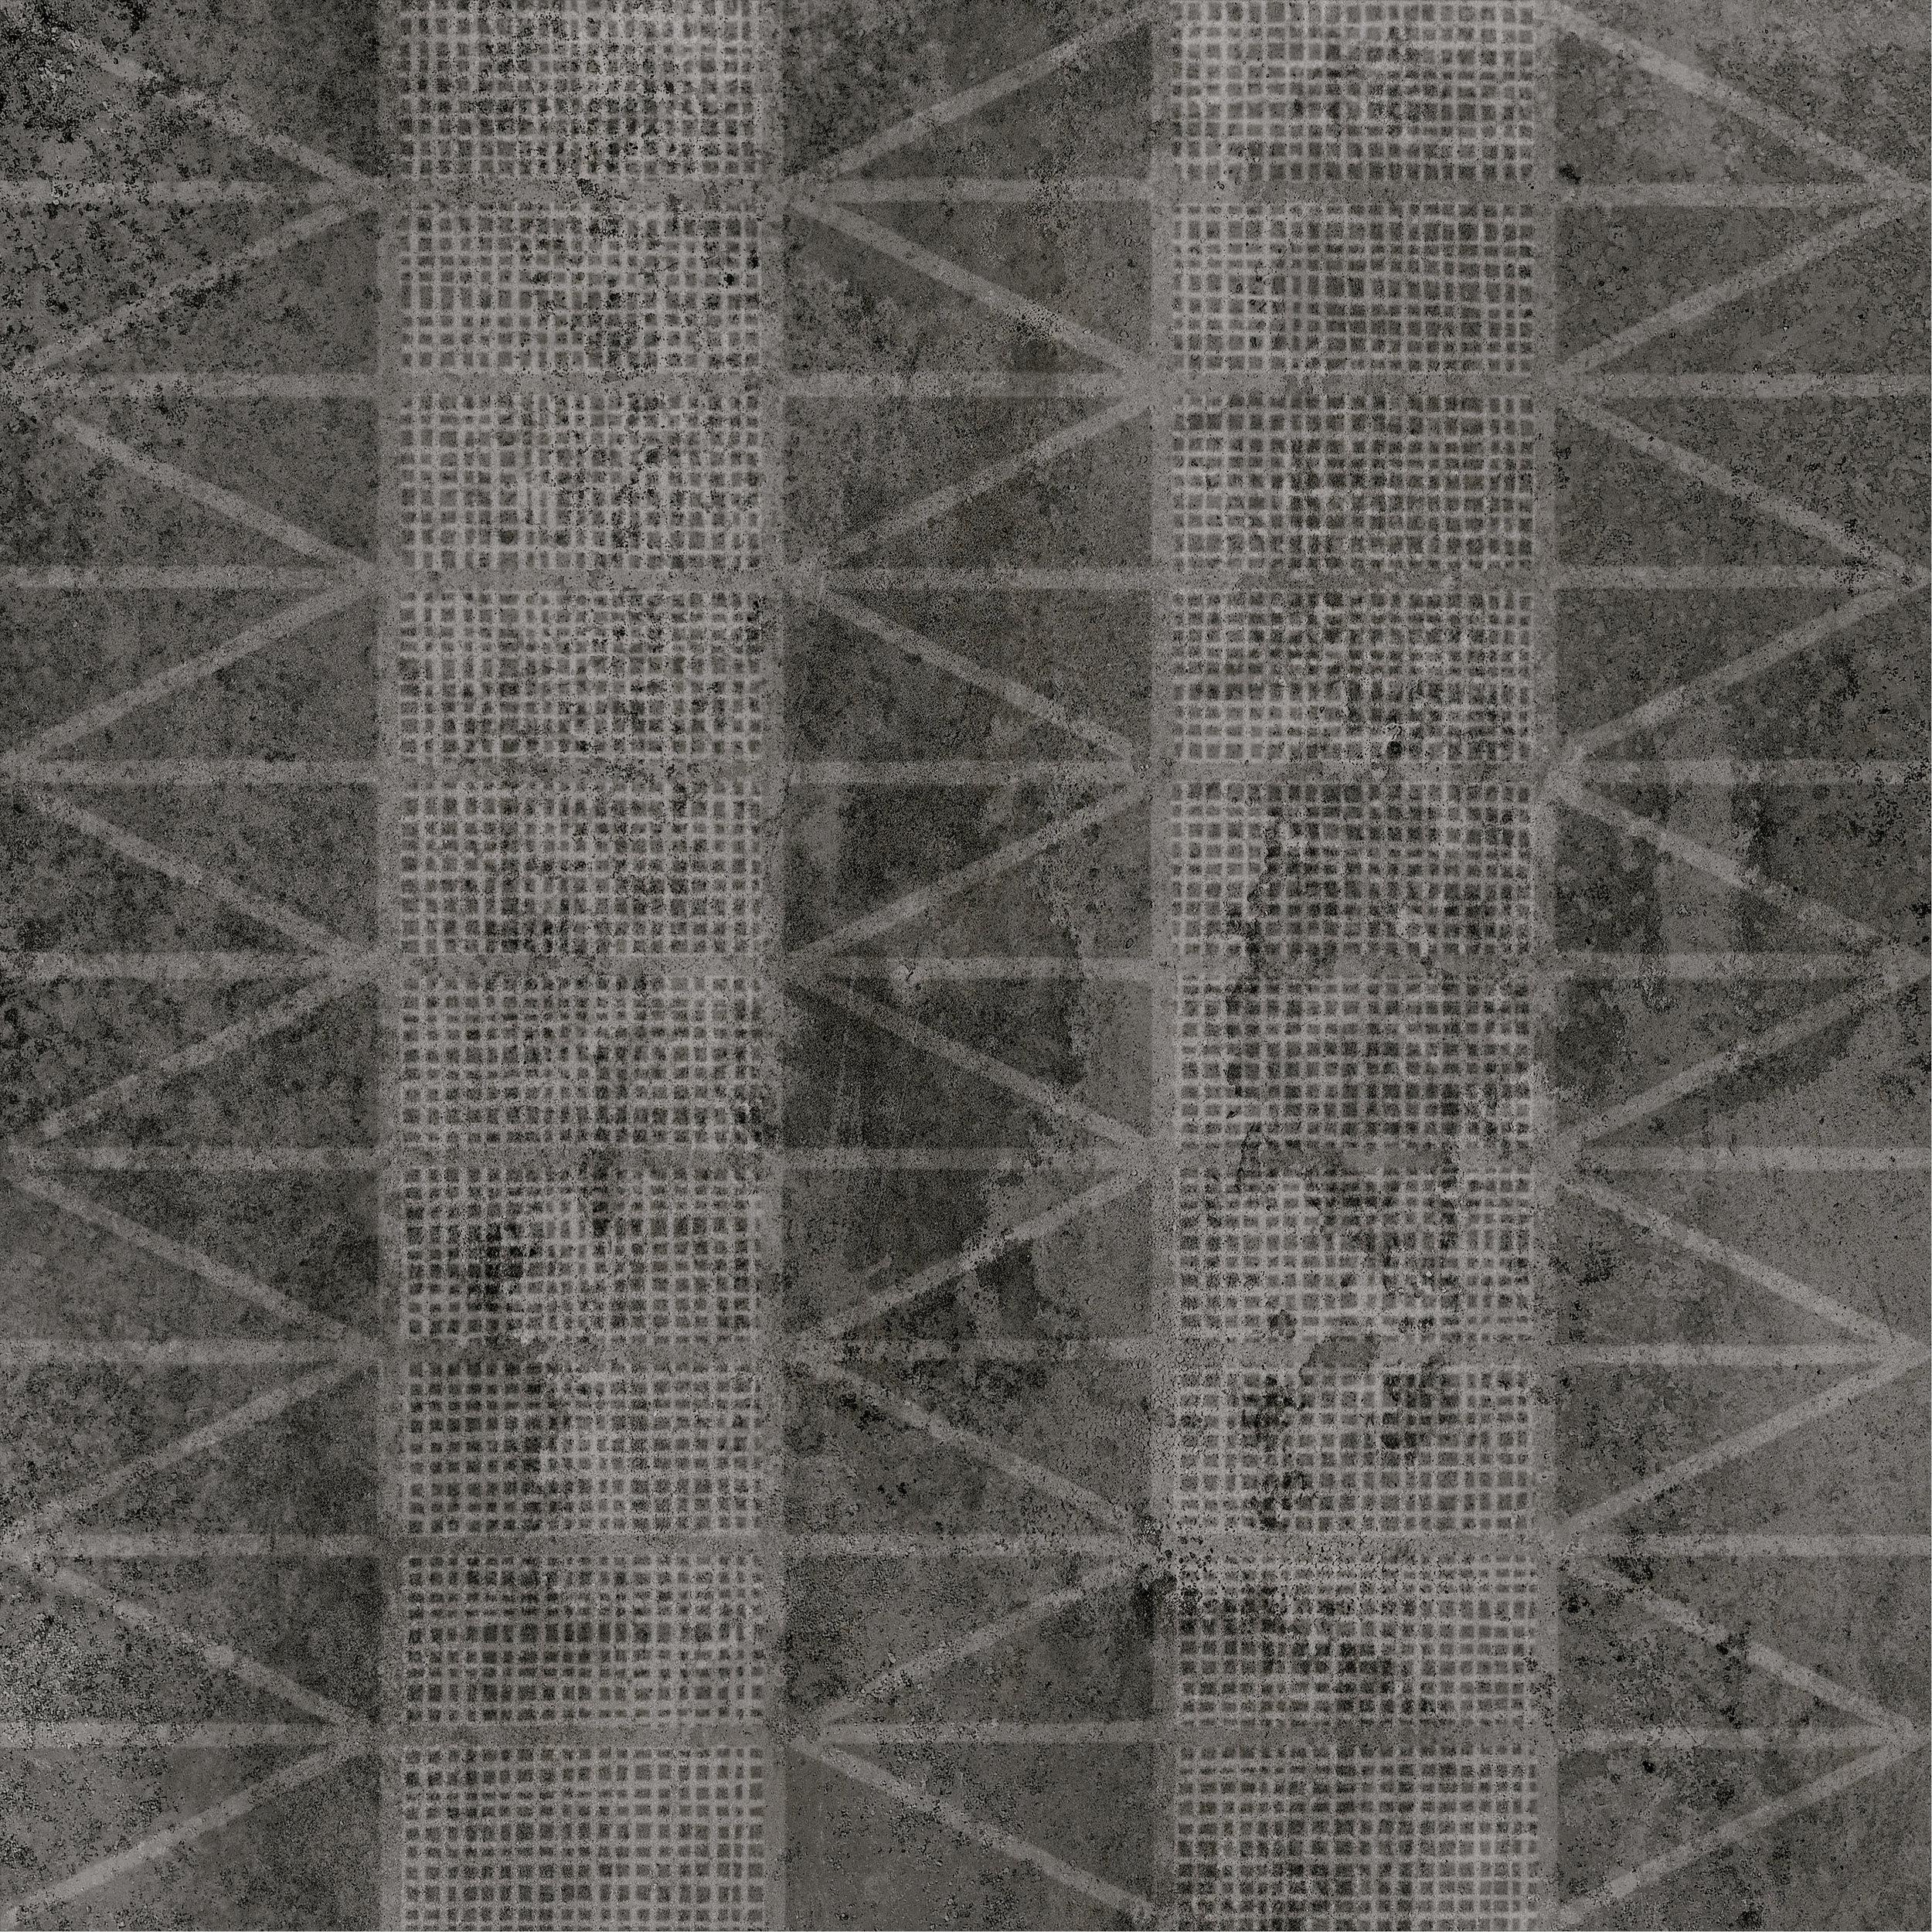 Urban Handmade Dark 20x20 cm